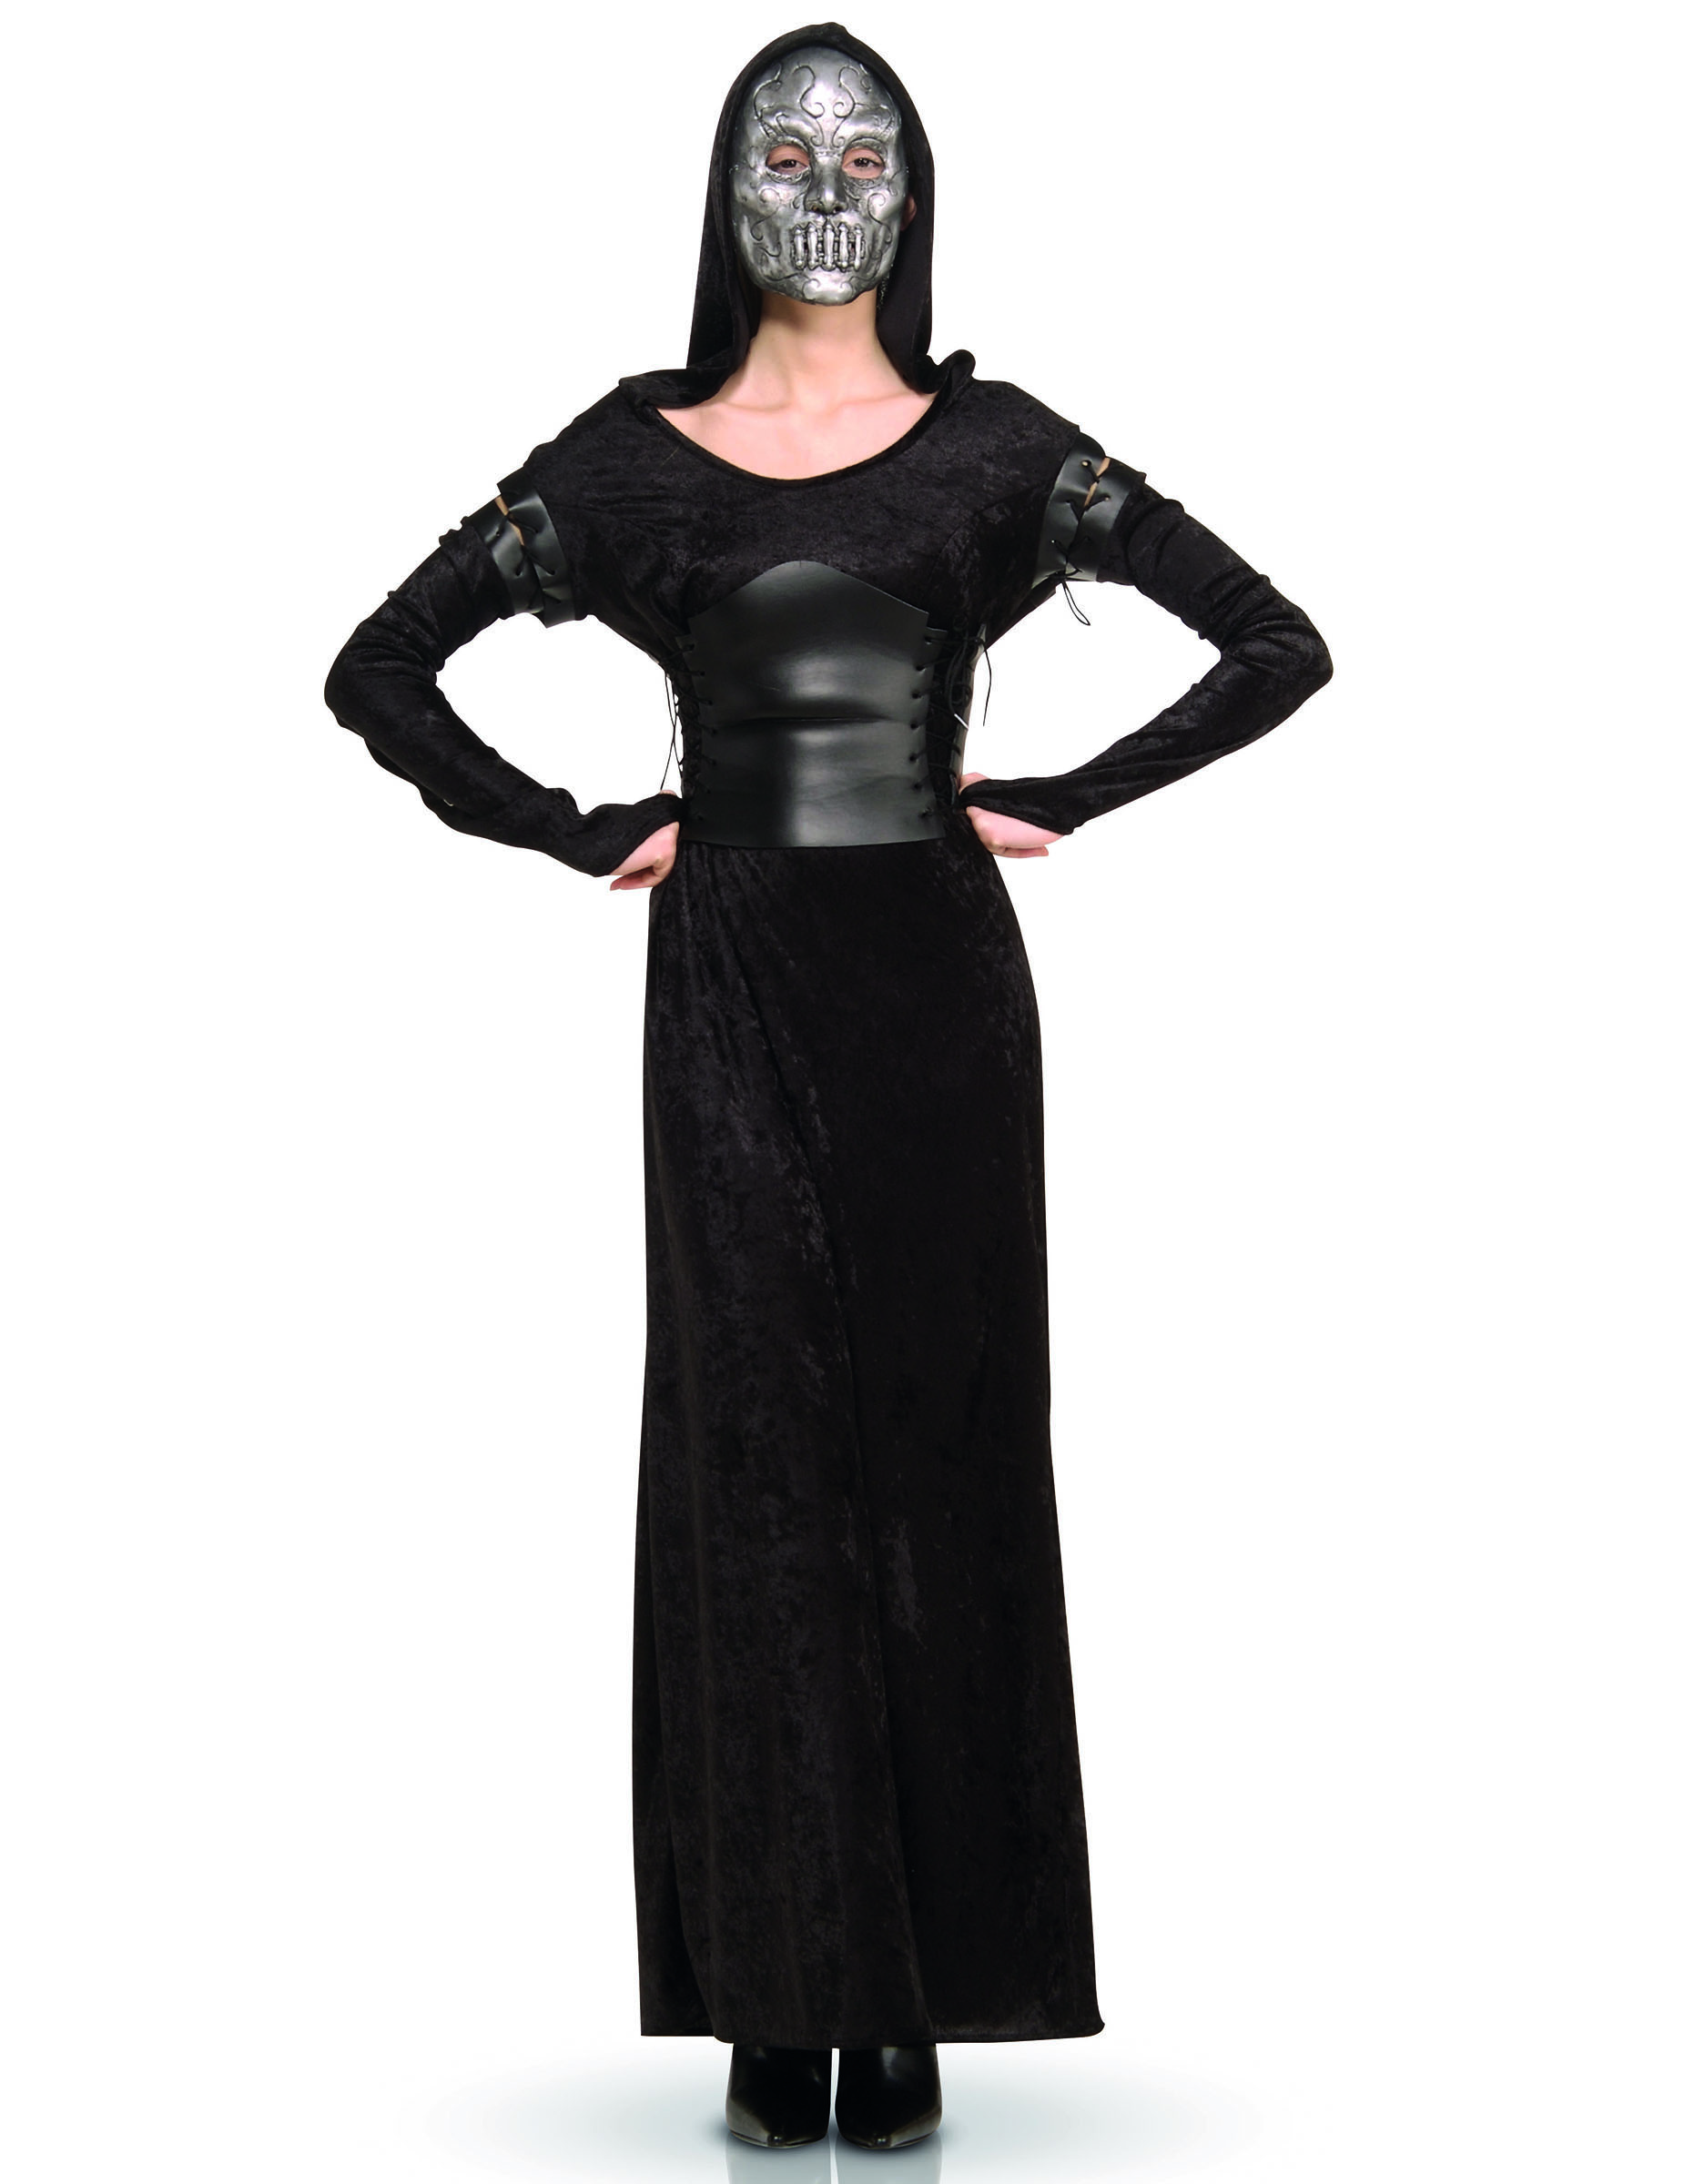 Vestiti da streghe e stregoni al miglior prezzo - Vegaoo.it 9d22f619aca5